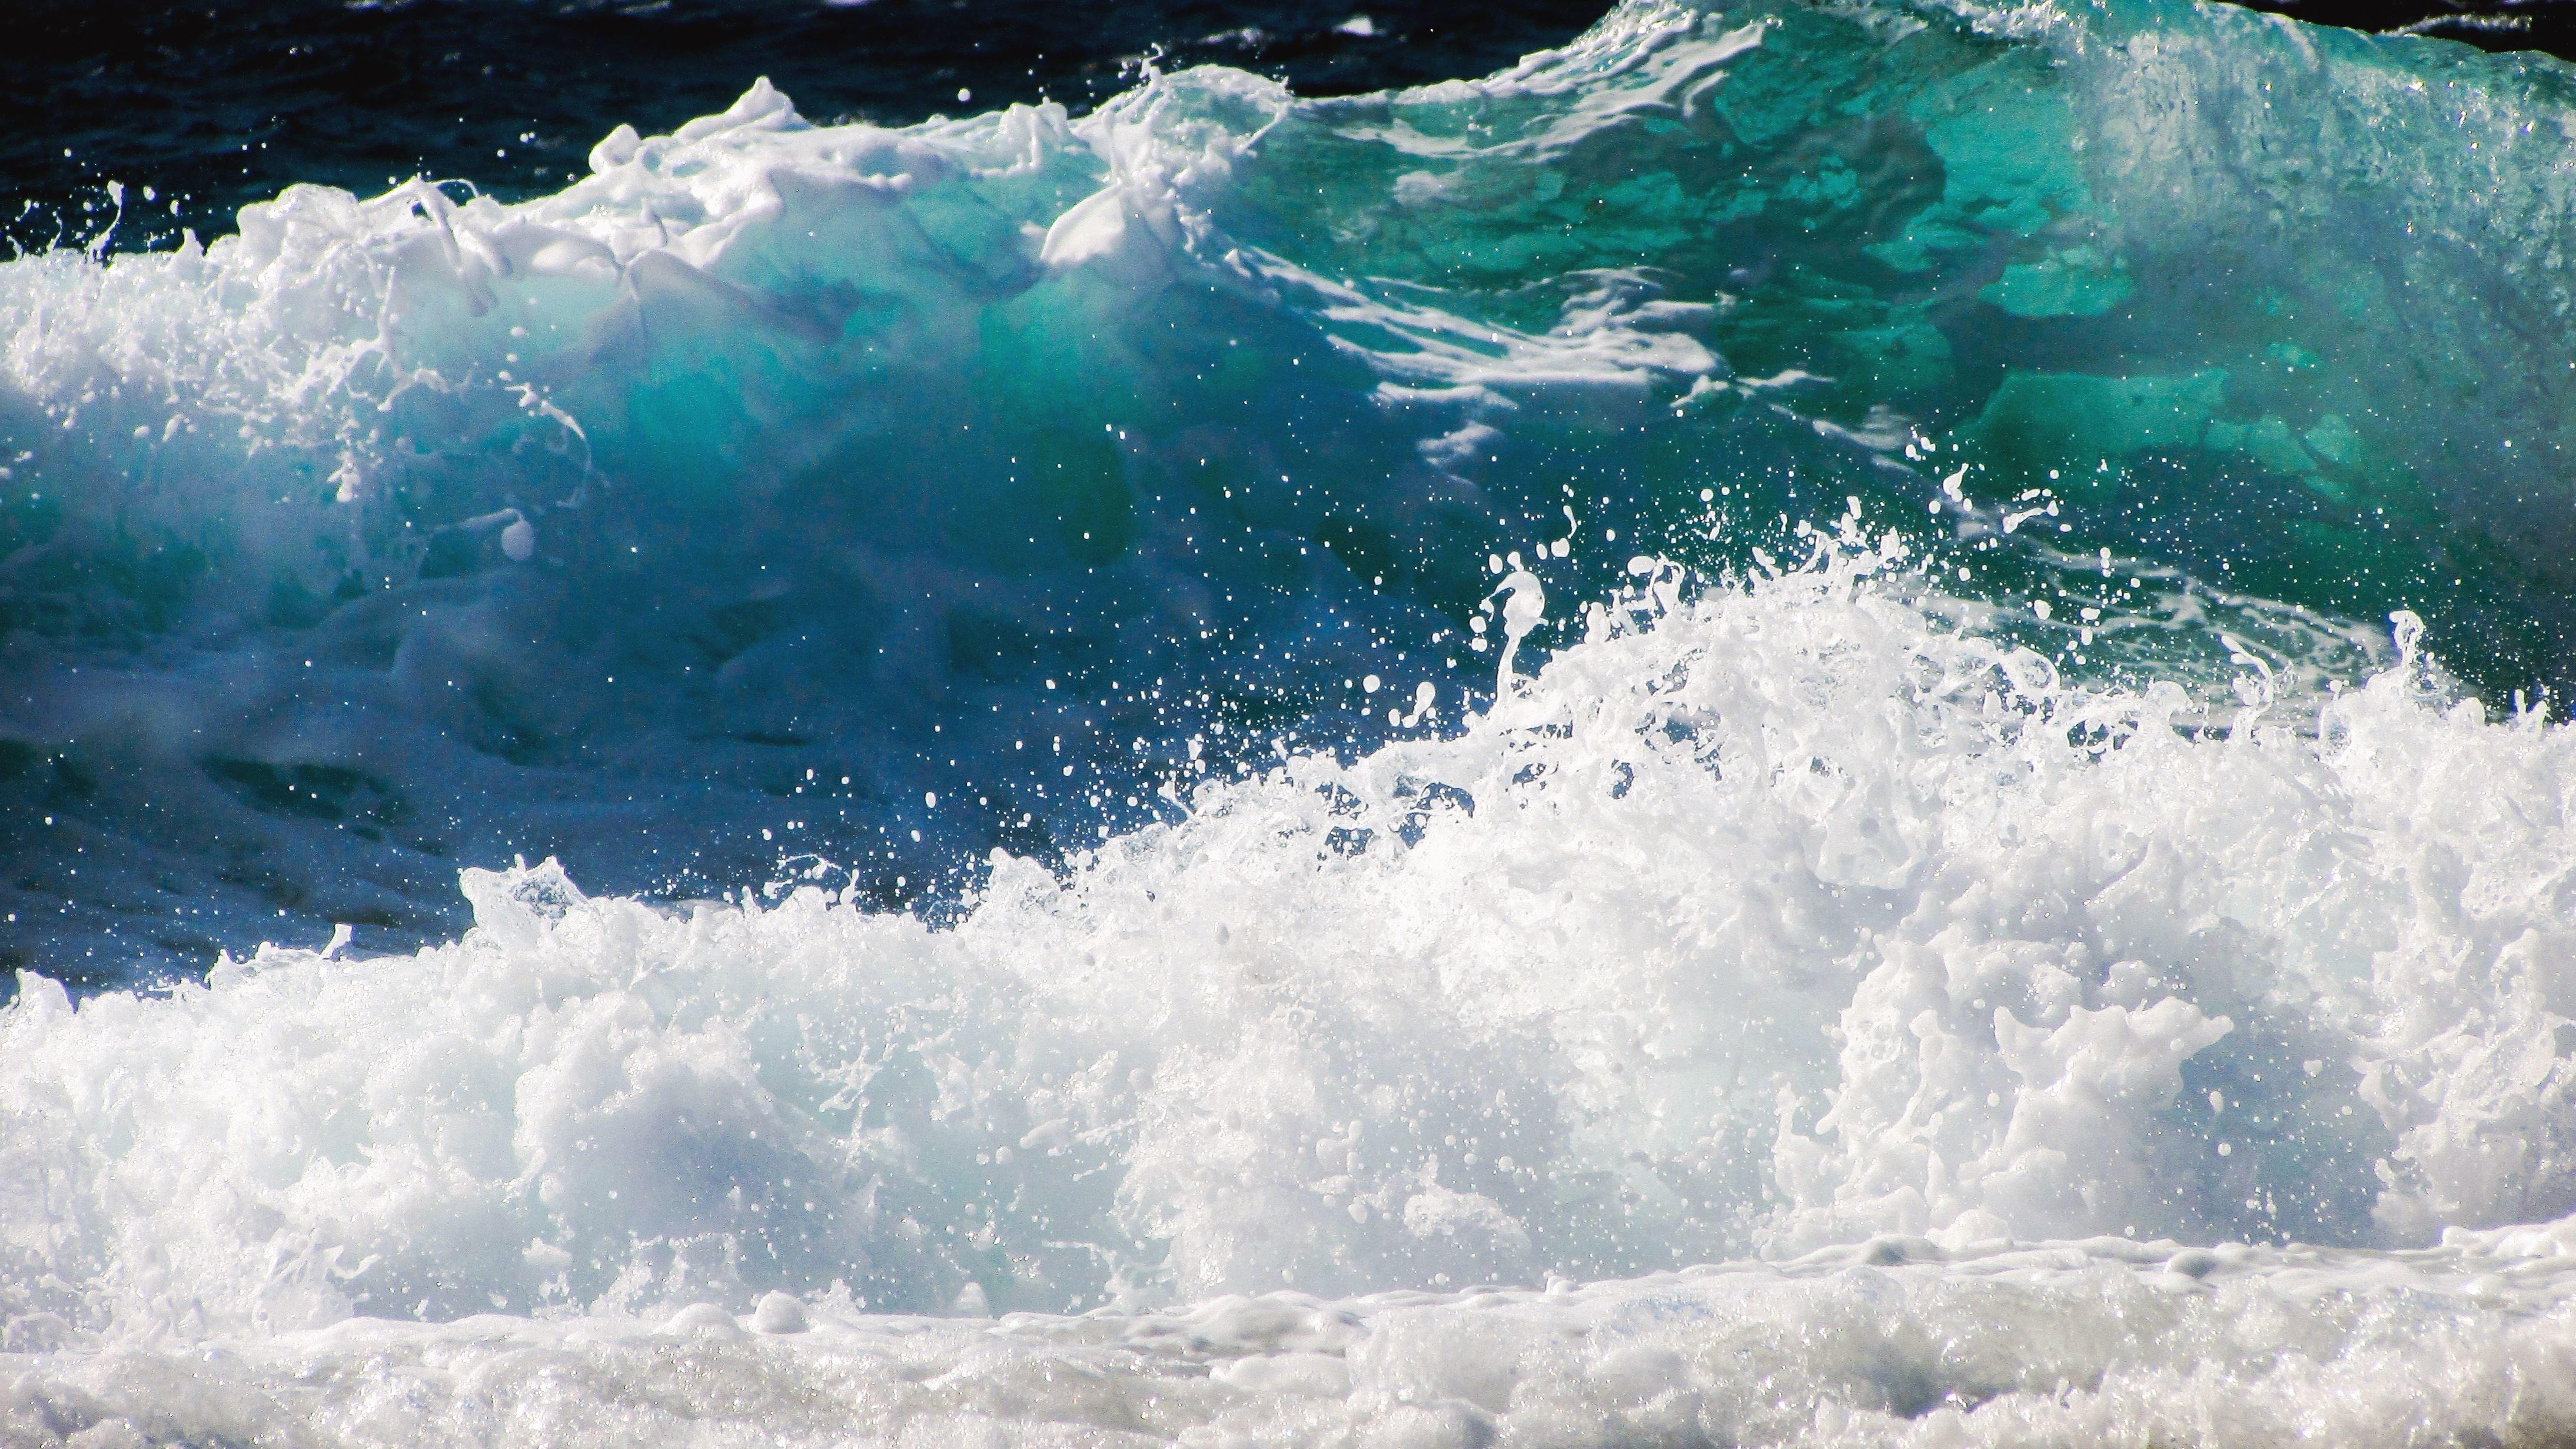 Ultra Hd Desktop Wallpapers Free Picture Wave Sea Foam Water